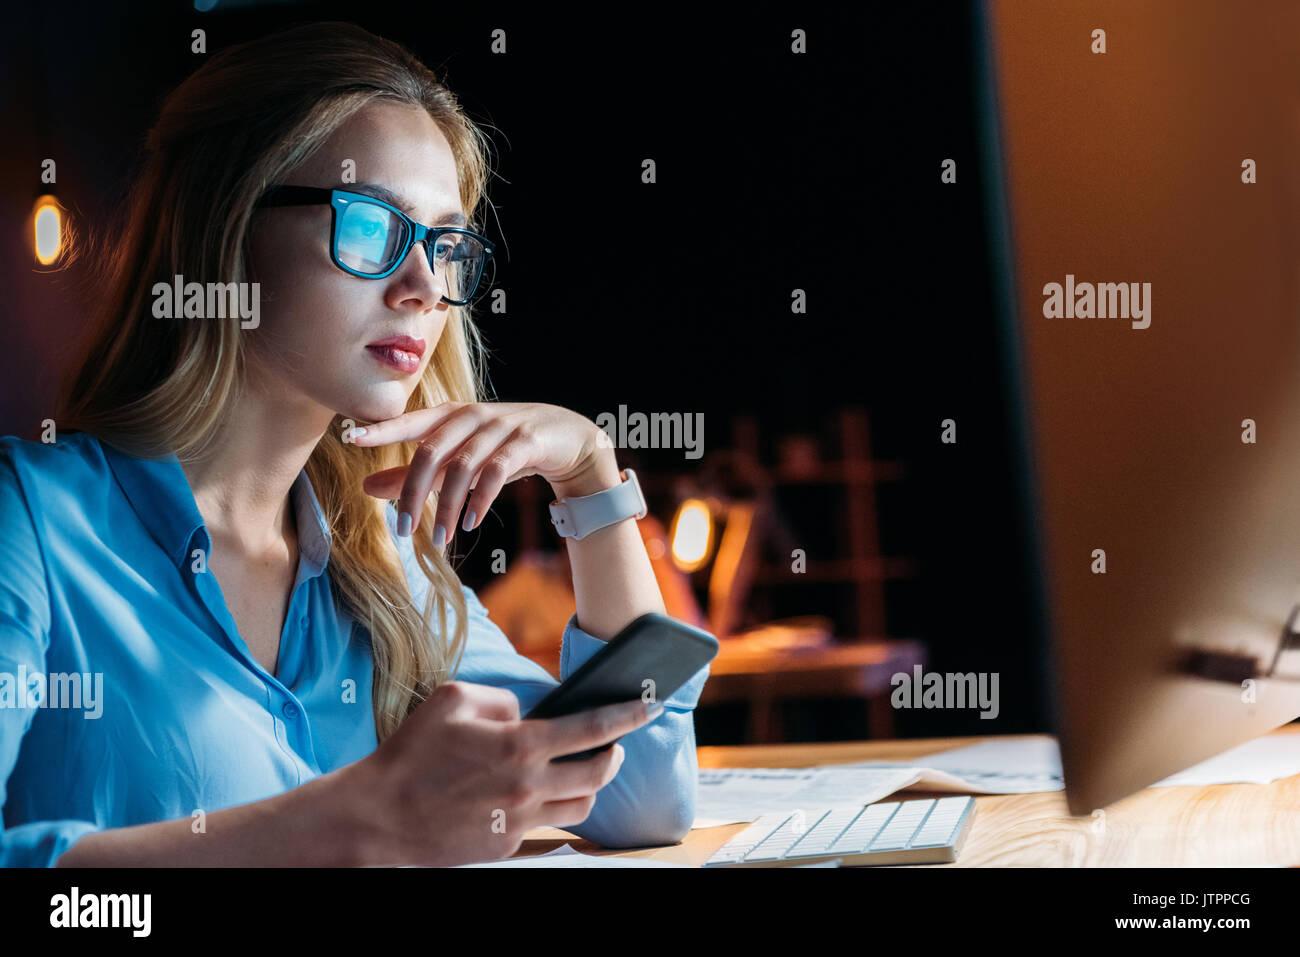 Retrato de mujer de negocios utilizando el smartphone mientras trabaja hasta tarde en la oficina Imagen De Stock